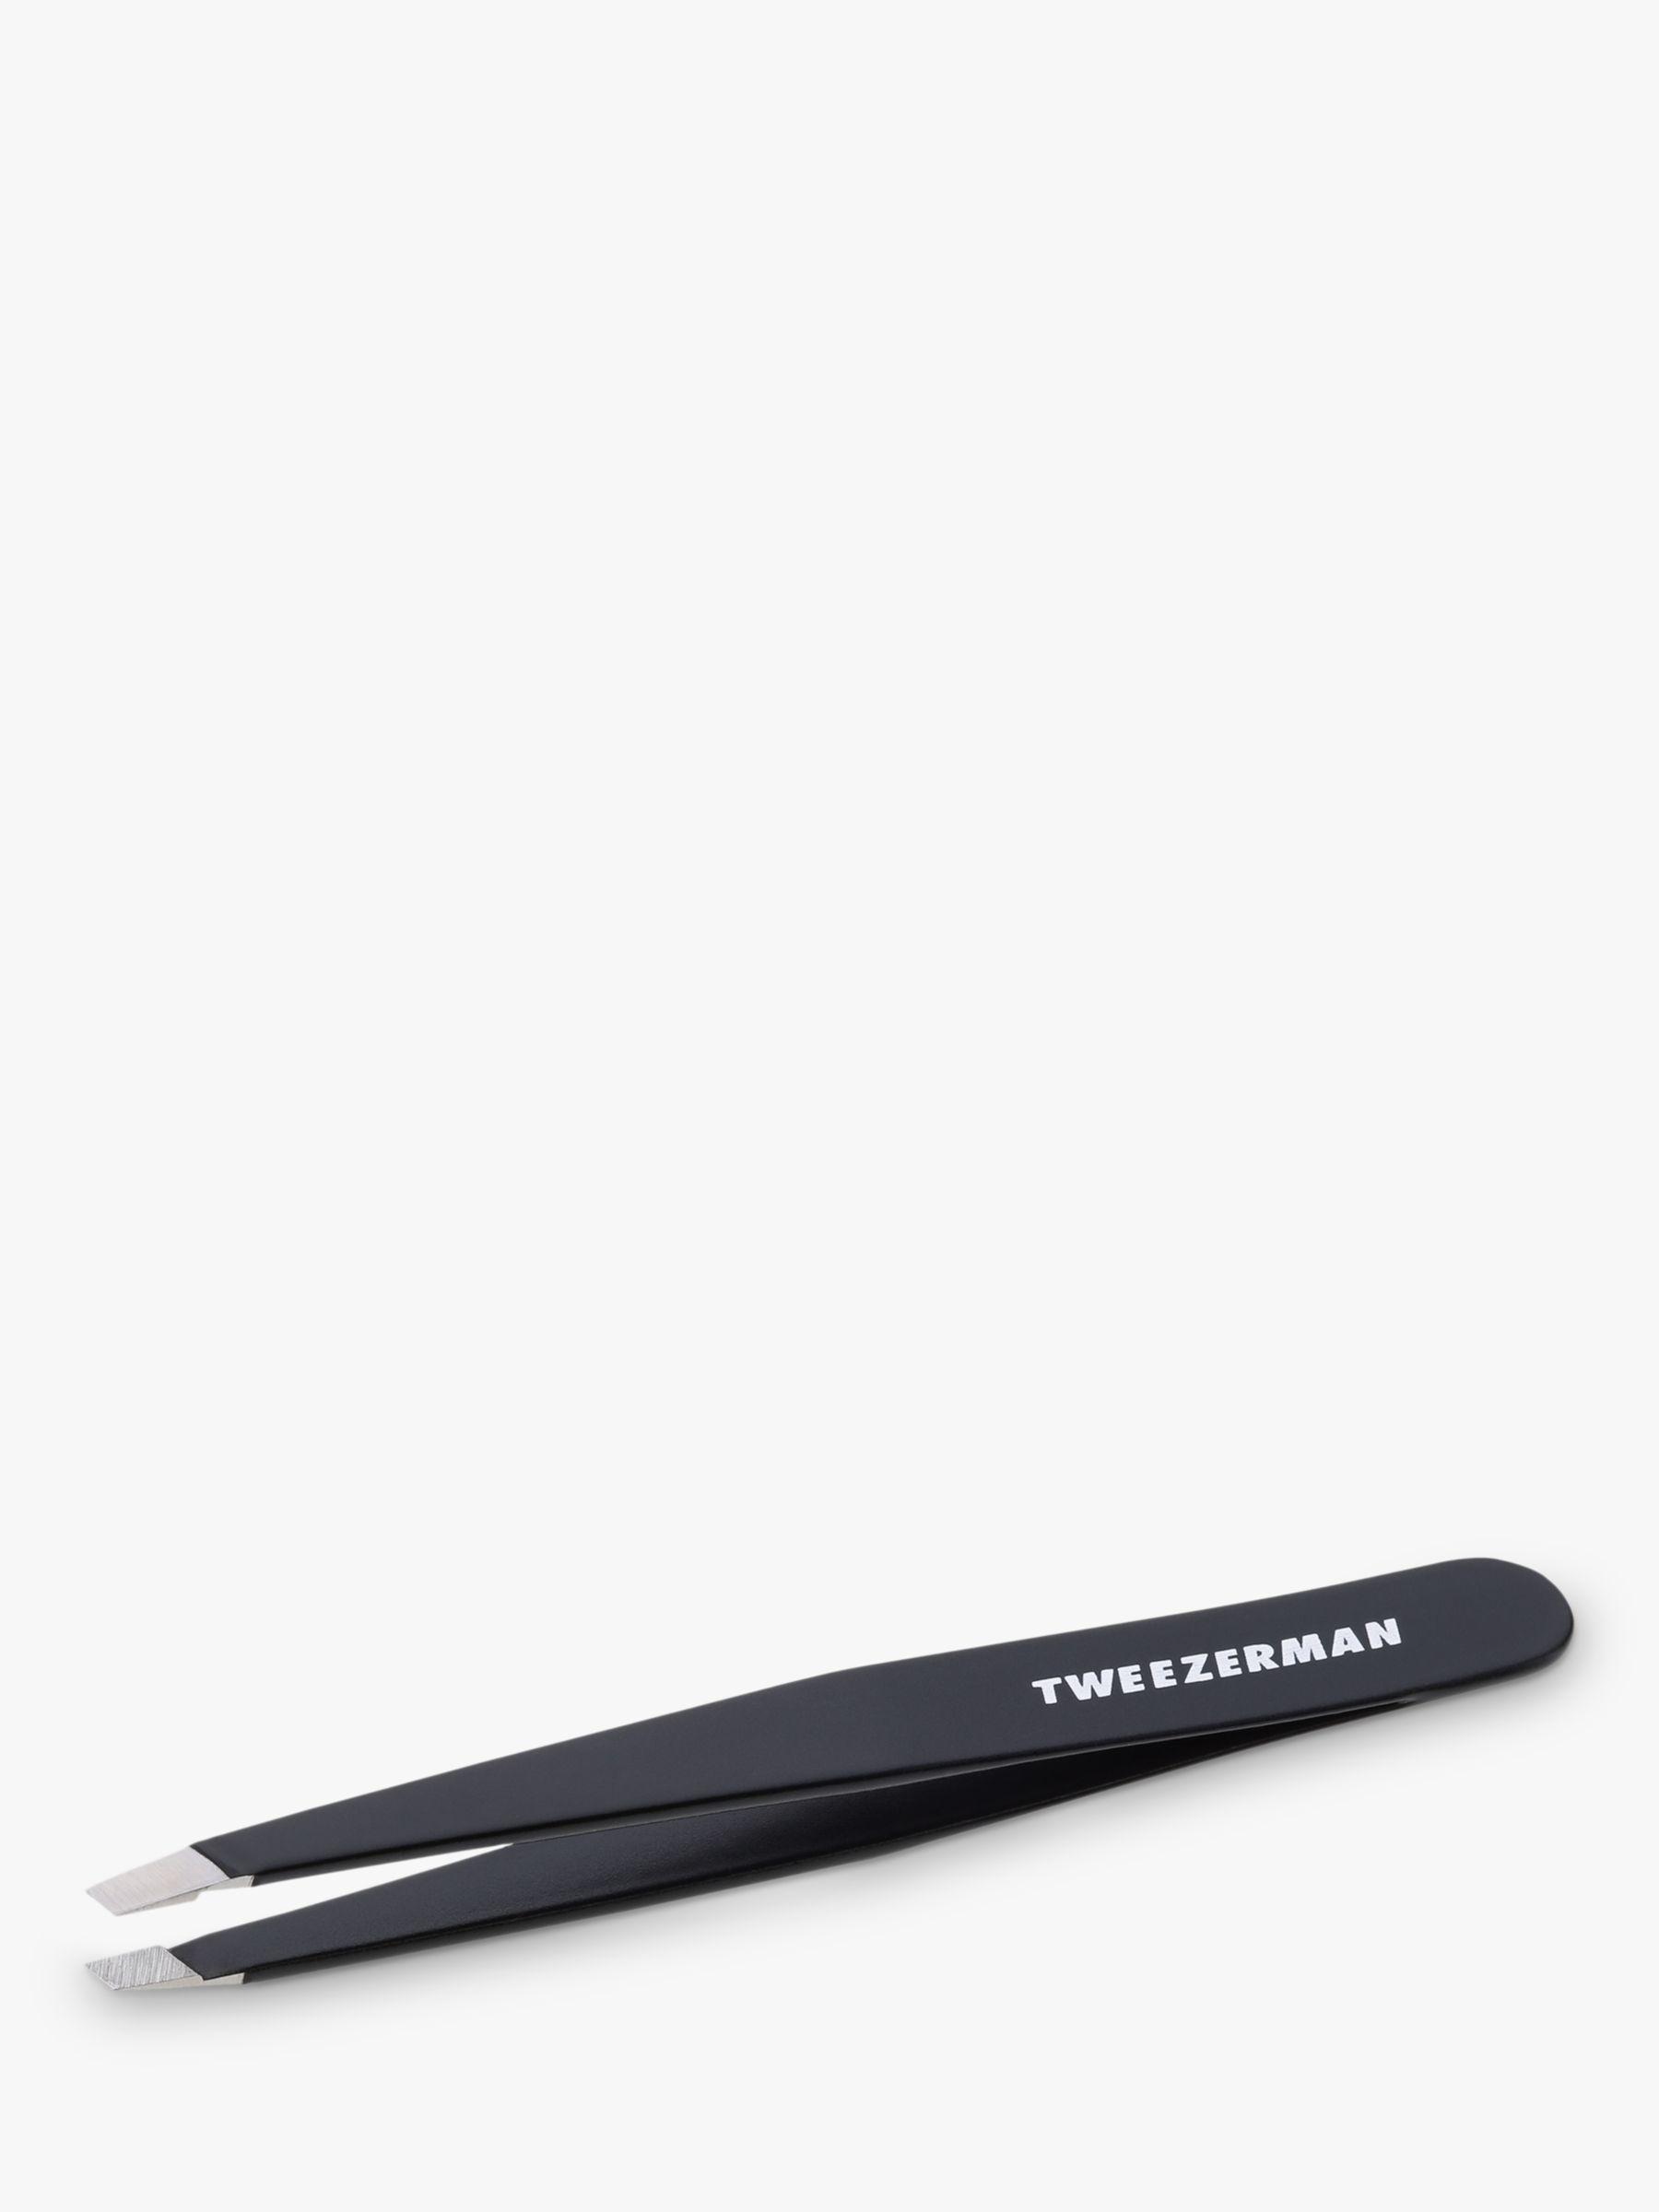 Tweezerman Tweezerman Professional Slant Tweezer, Black